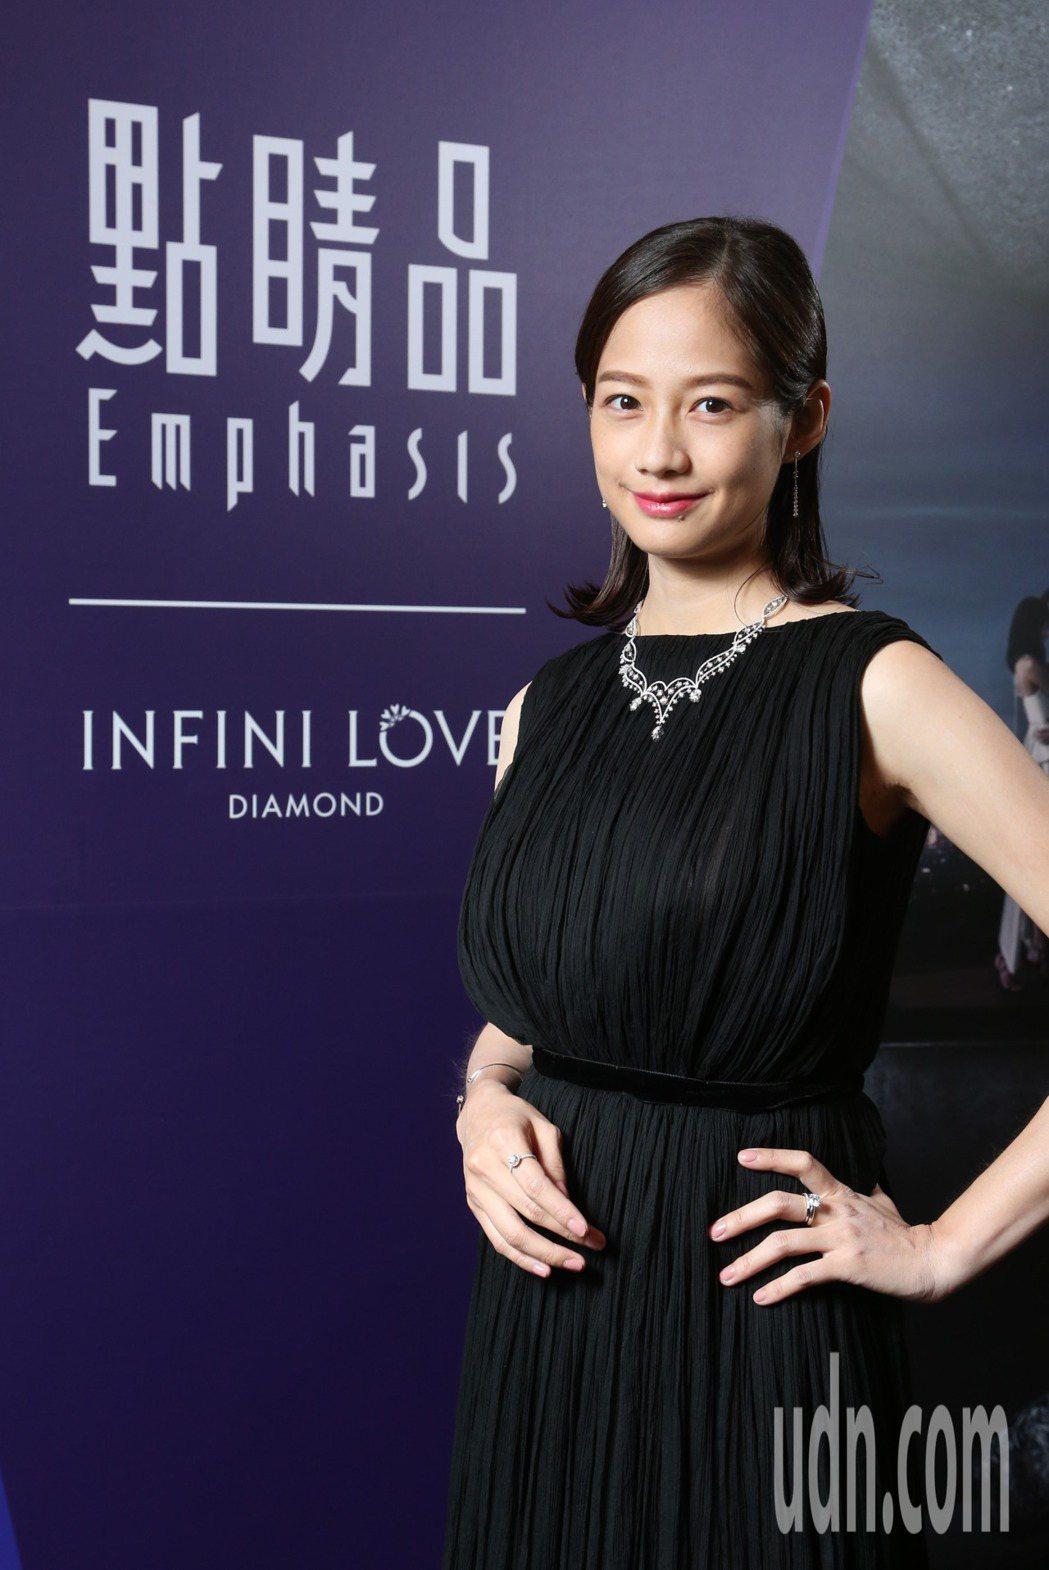 簡嫚書出席點睛品Infini Love Diamond珠寶發表。記者陳立凱/攝影